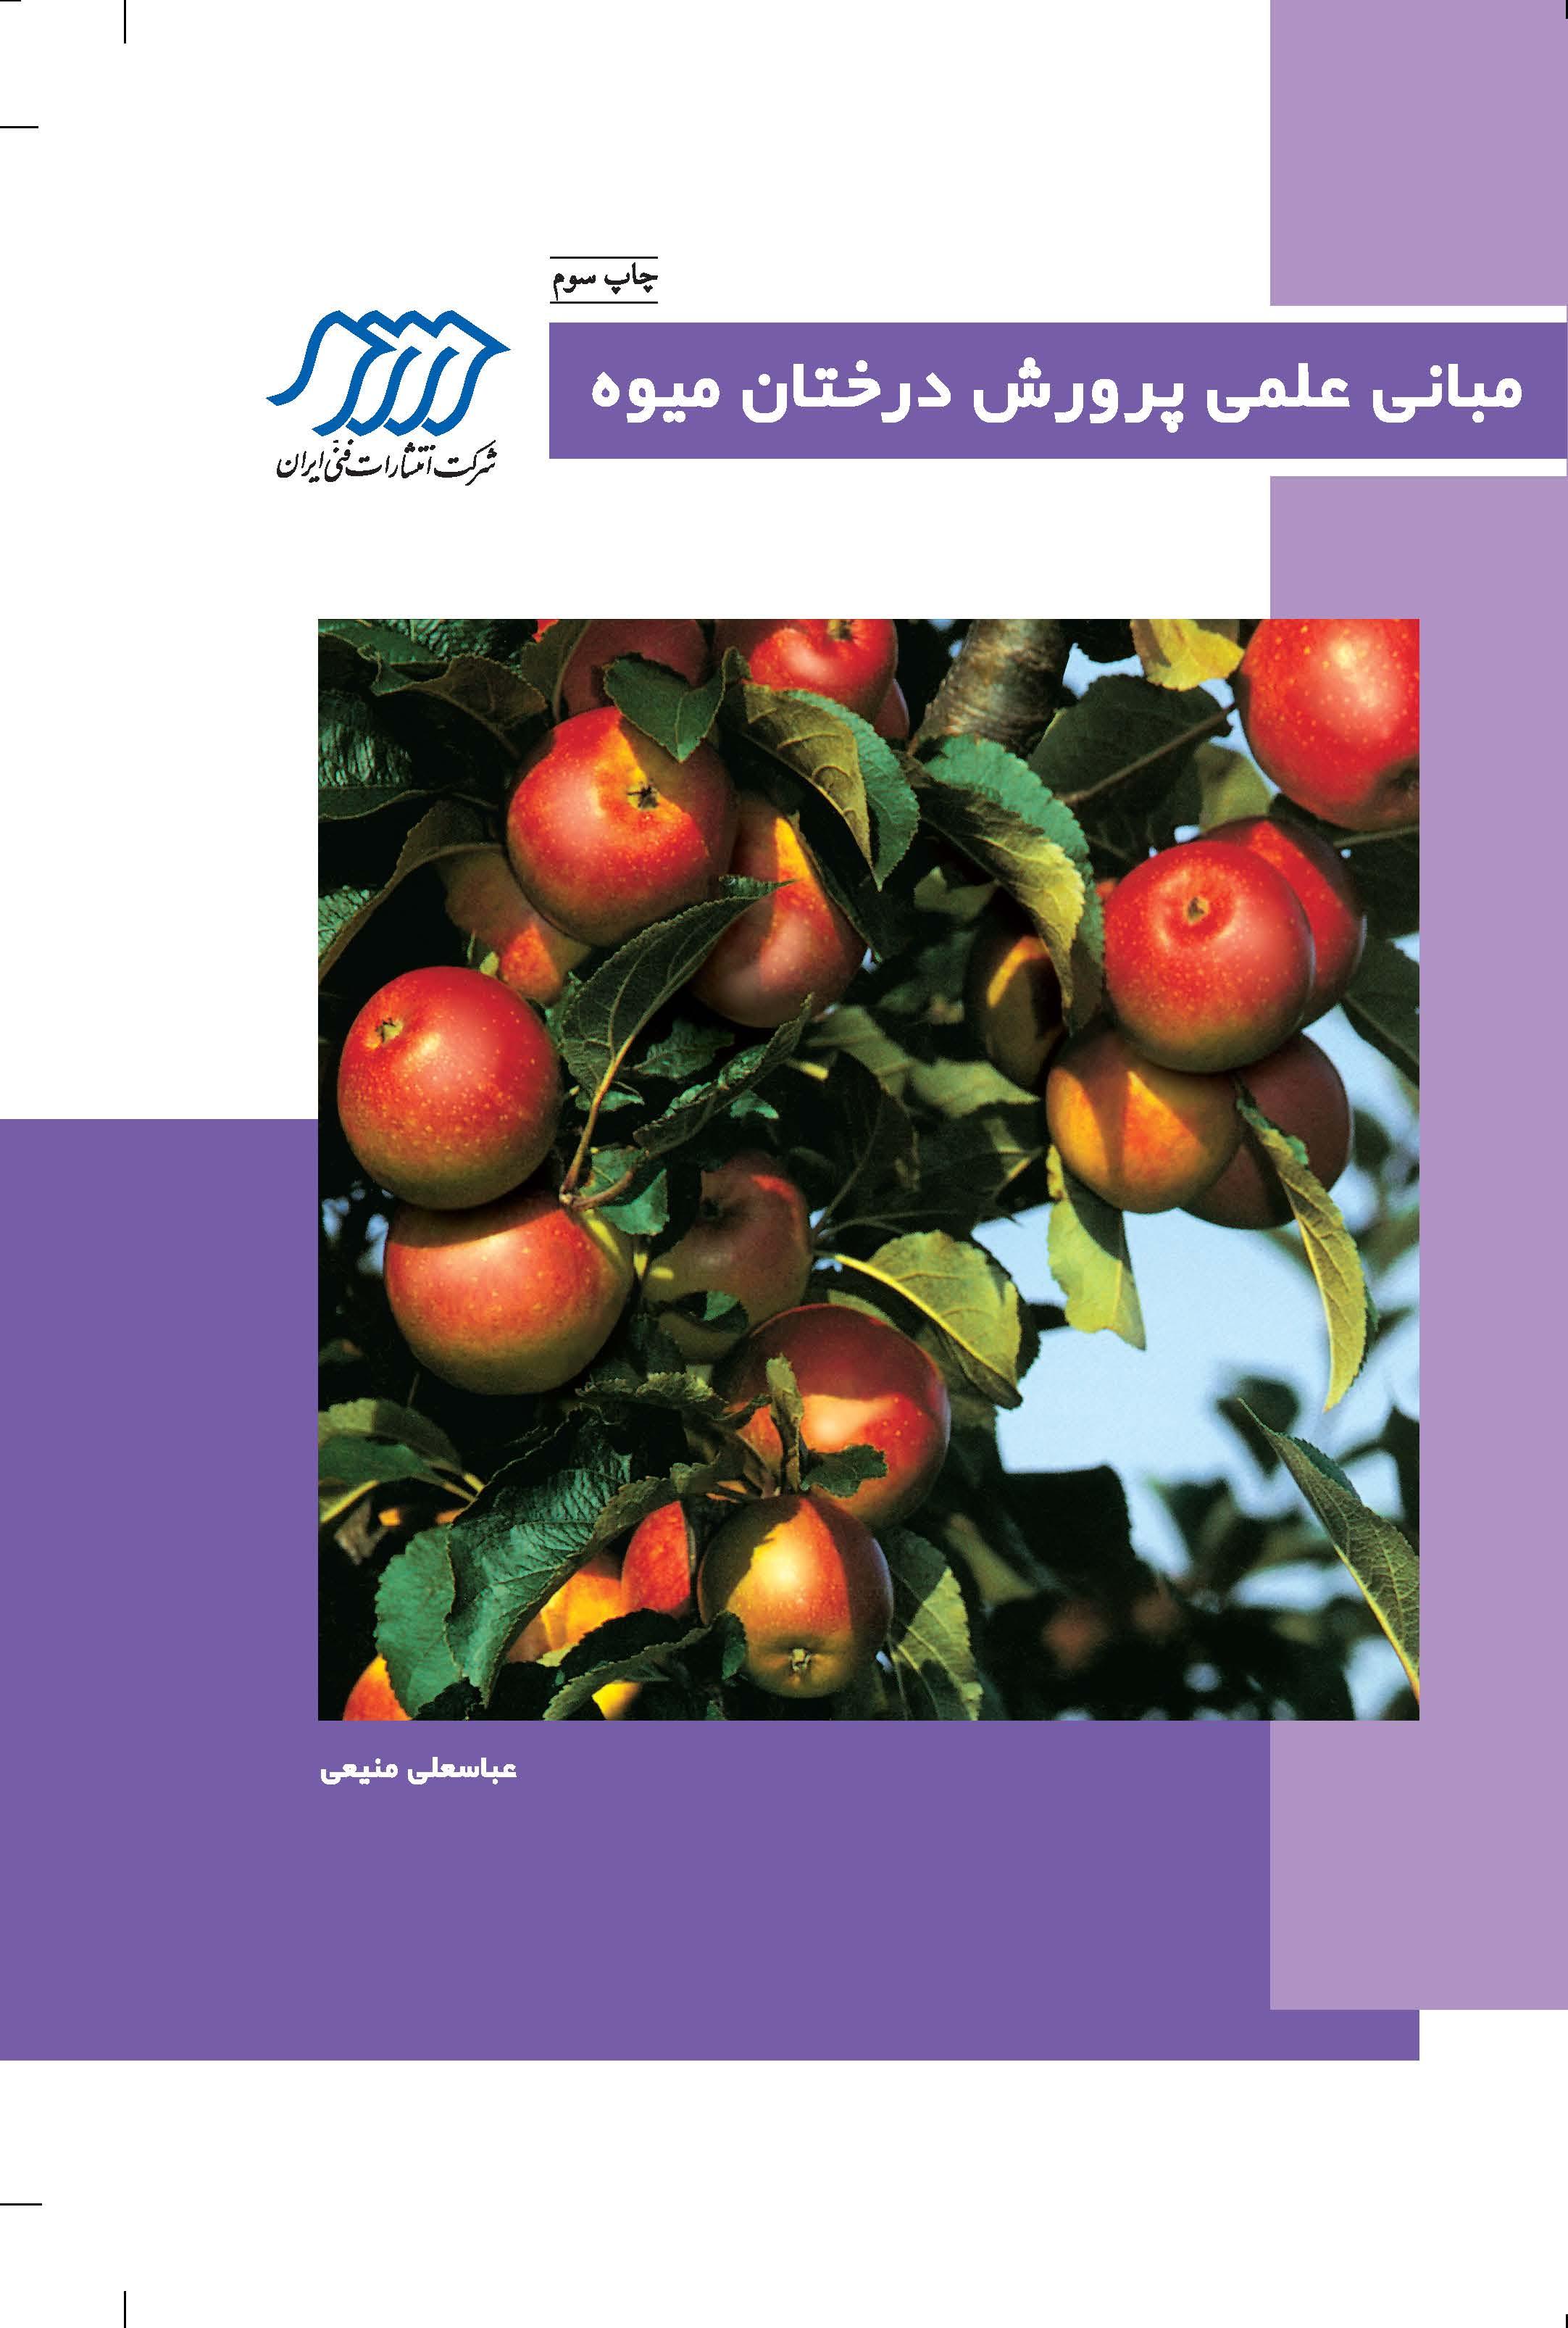 مبانی علمی پرورش درختان میوه (گالینگور)...